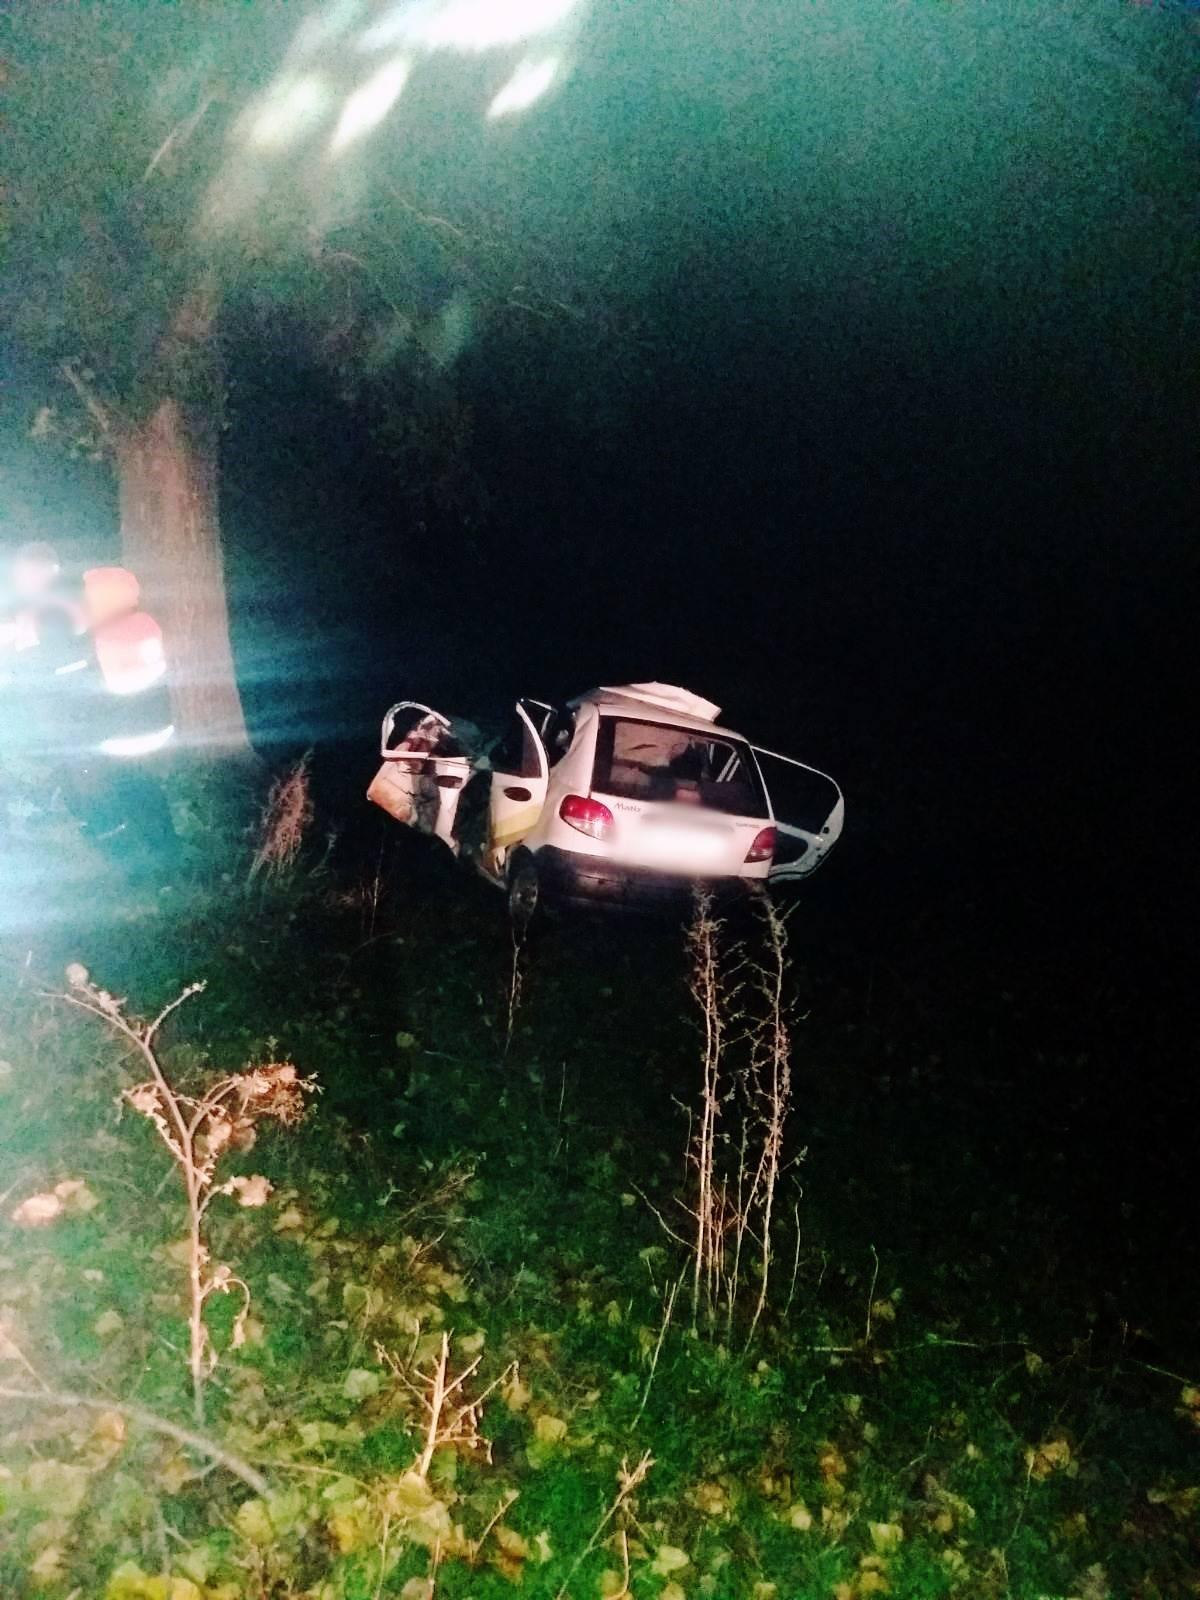 ВОргеевском районе автомобиль врезался вдерево. Два человека погибли (ФОТО)